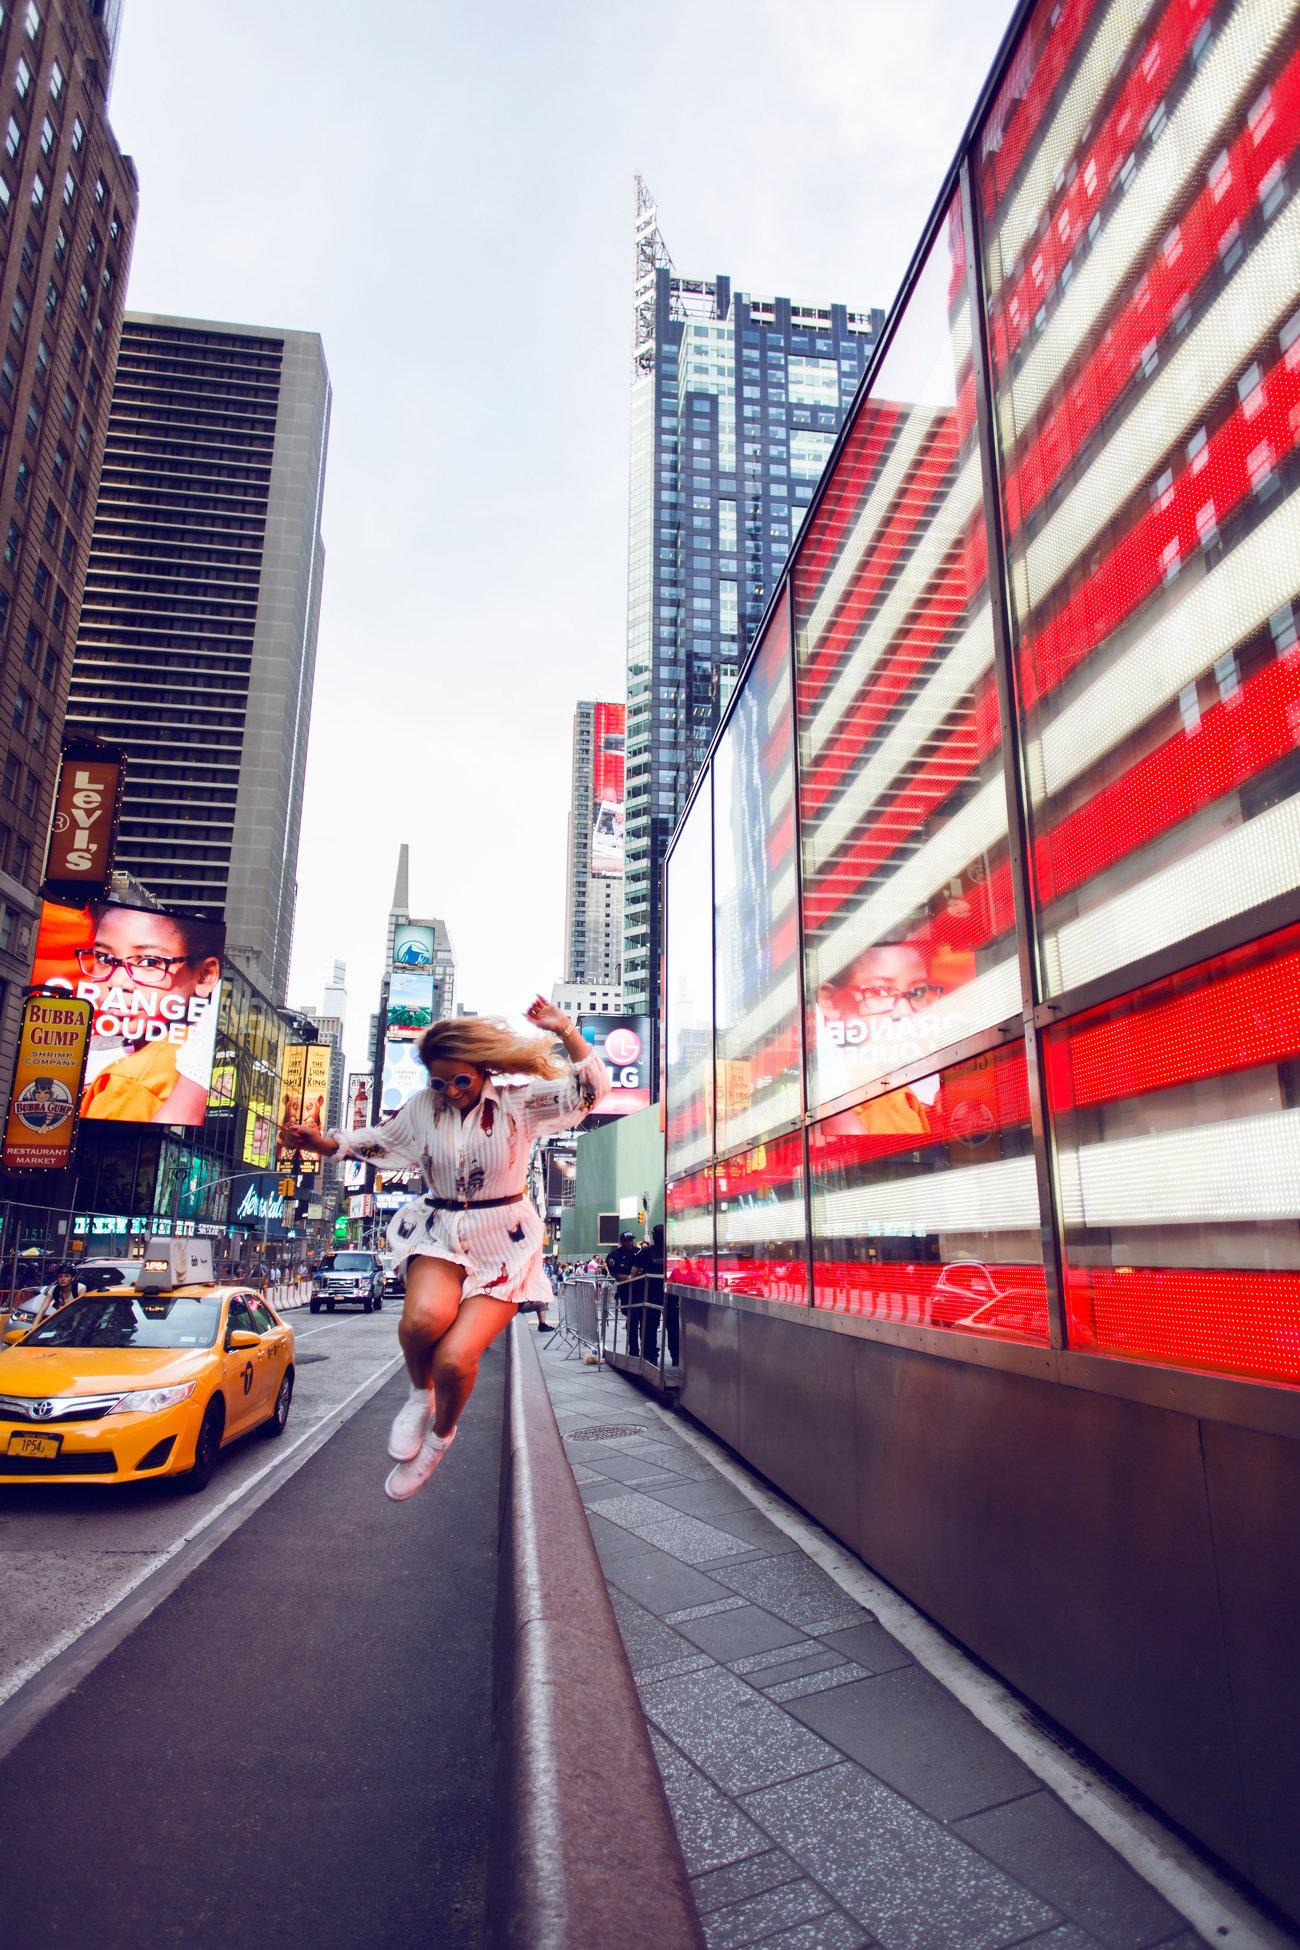 Kenza_Zouiten_NYC_pt3_14